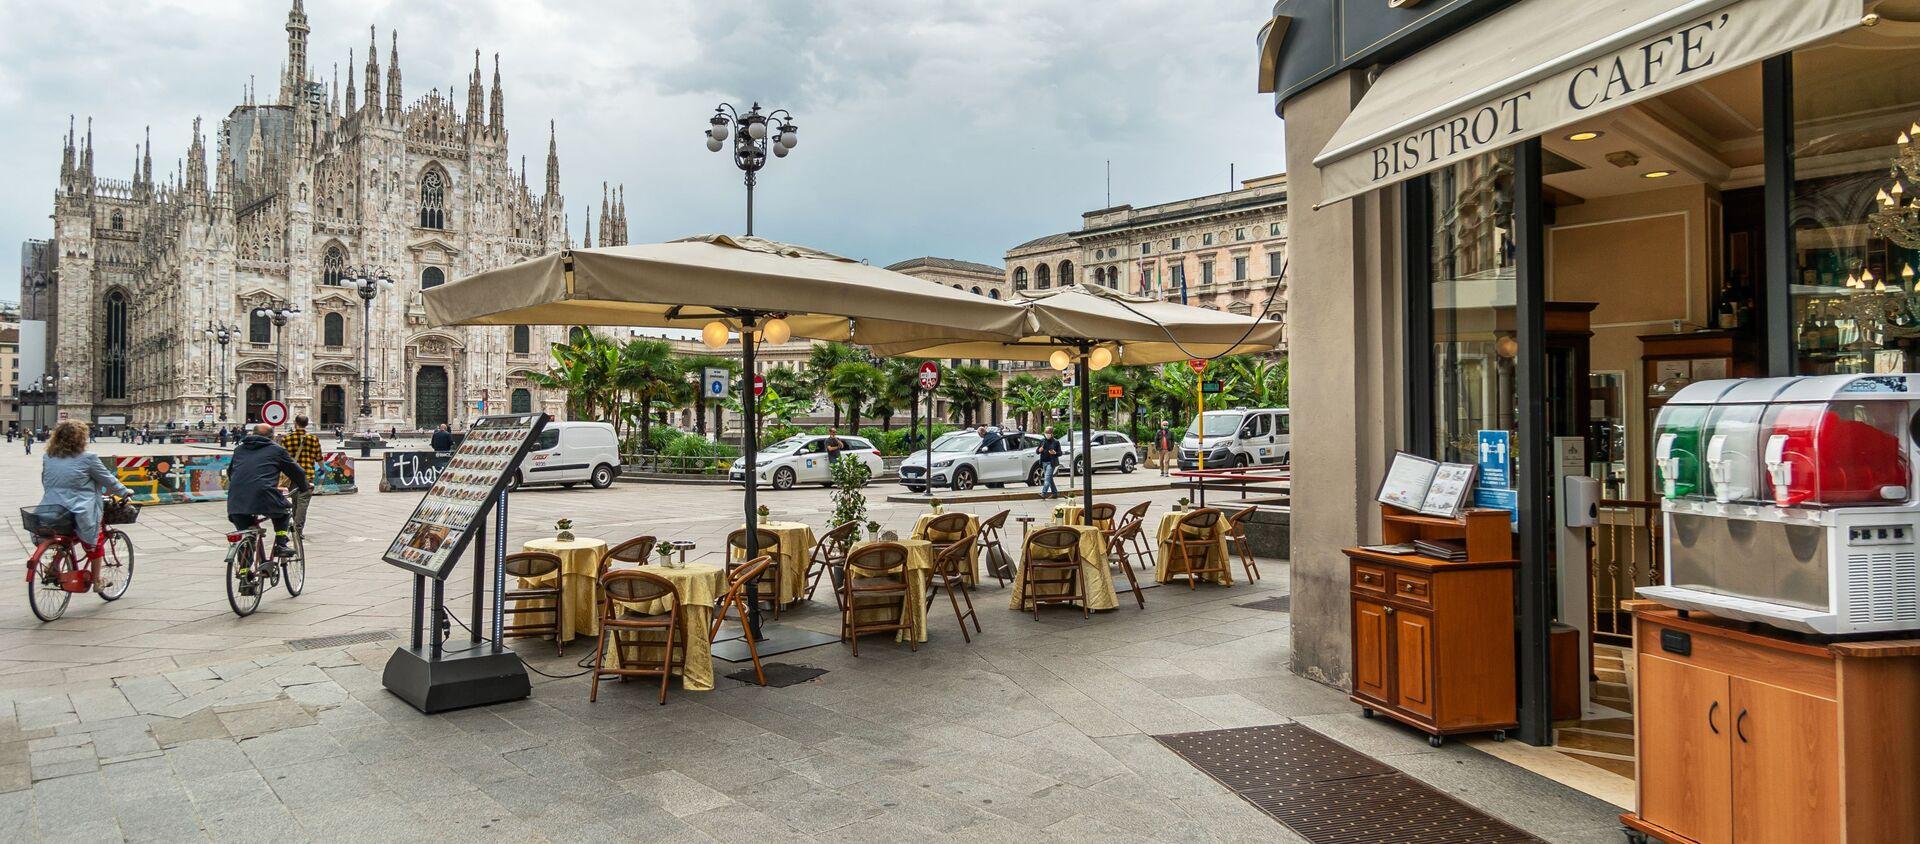 Kawiarnia w Mediolanie, Włochy - Sputnik Polska, 1920, 17.12.2020